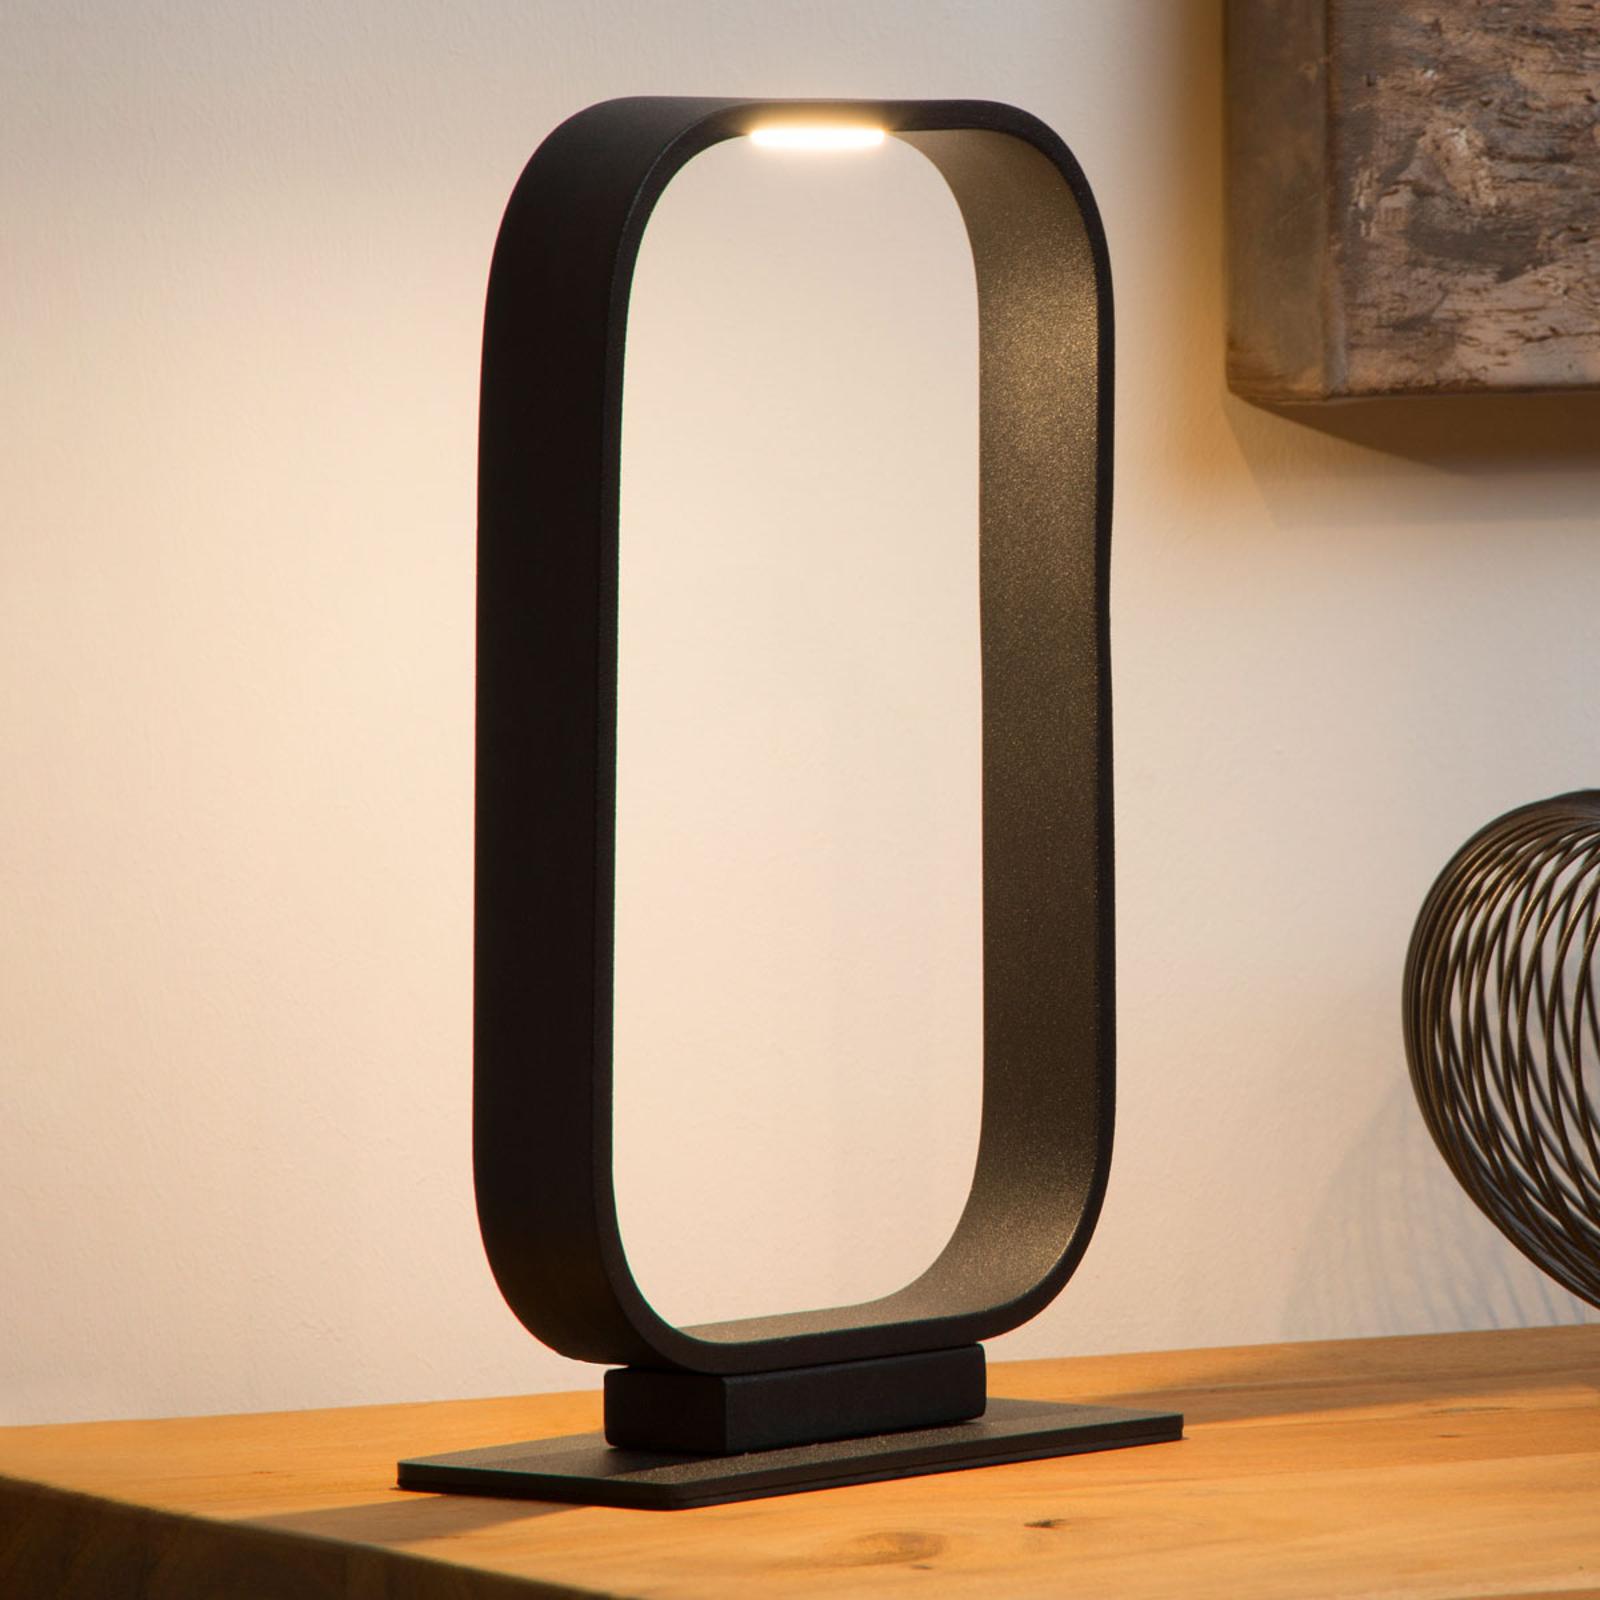 LED-pöytälamppu Mika, kehysmäinen muotoilu